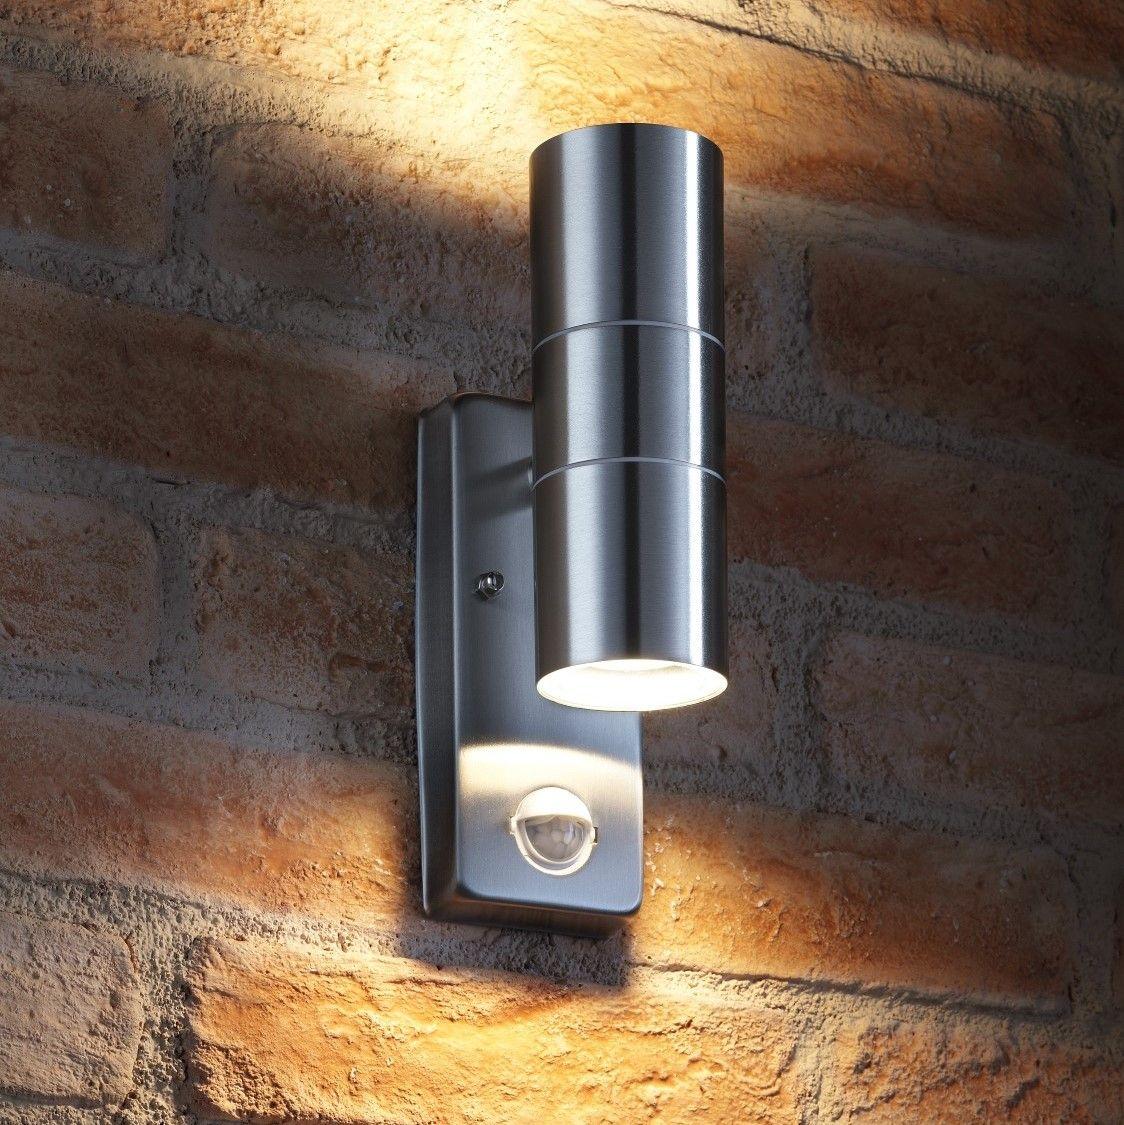 Auraglow Pir Motion Sensor Stainless Steel Up Down Outdoor Wall Security Light Warminster